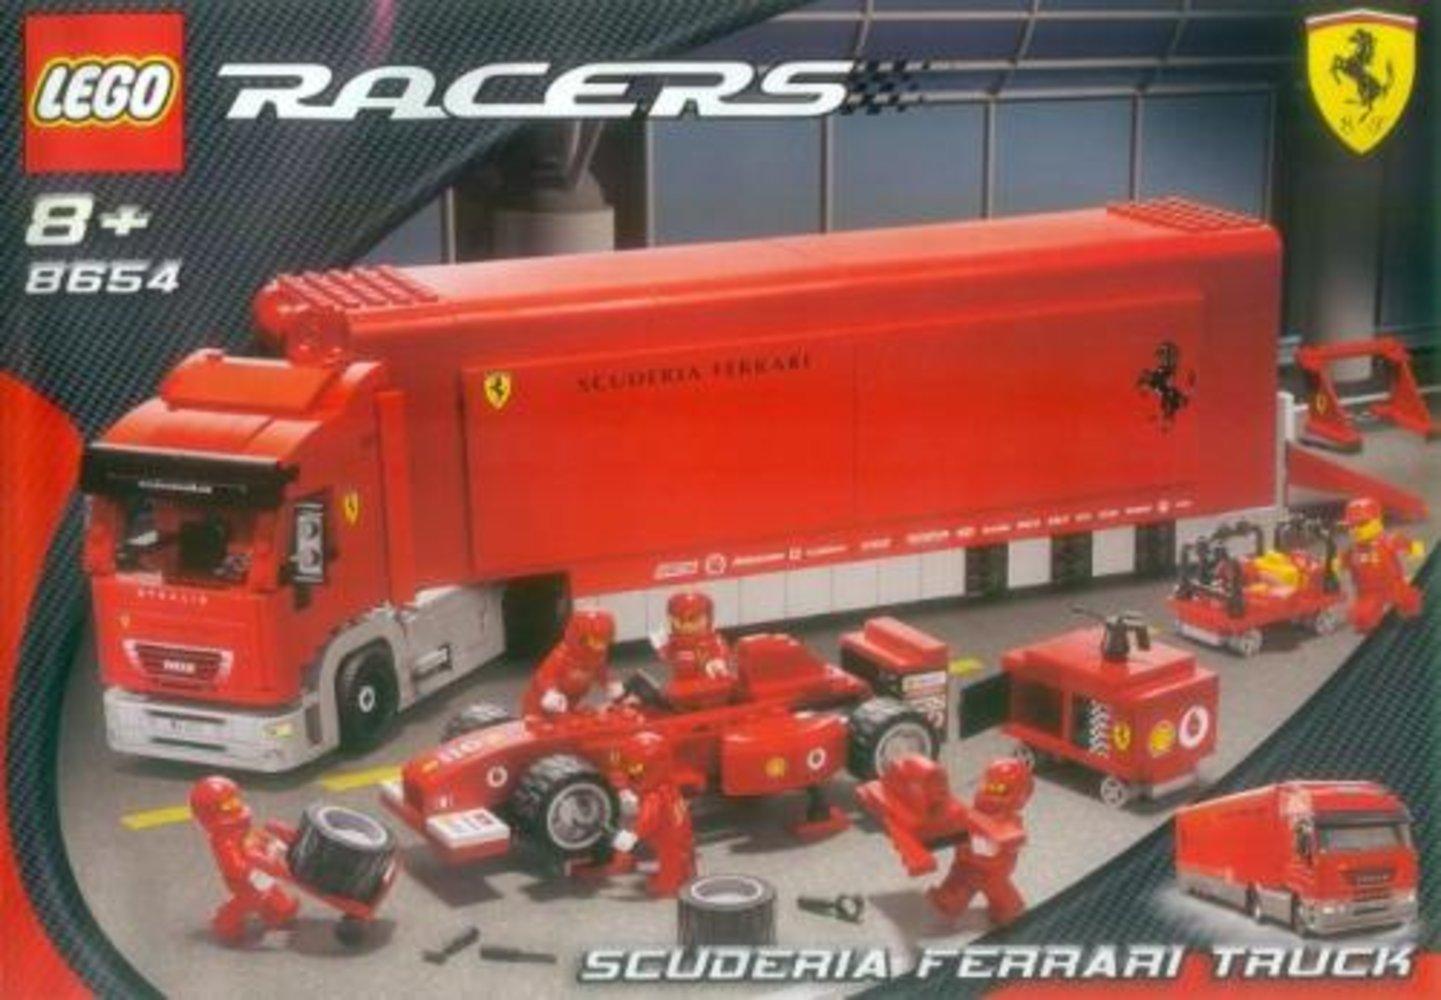 Scuderia Ferrari Truck